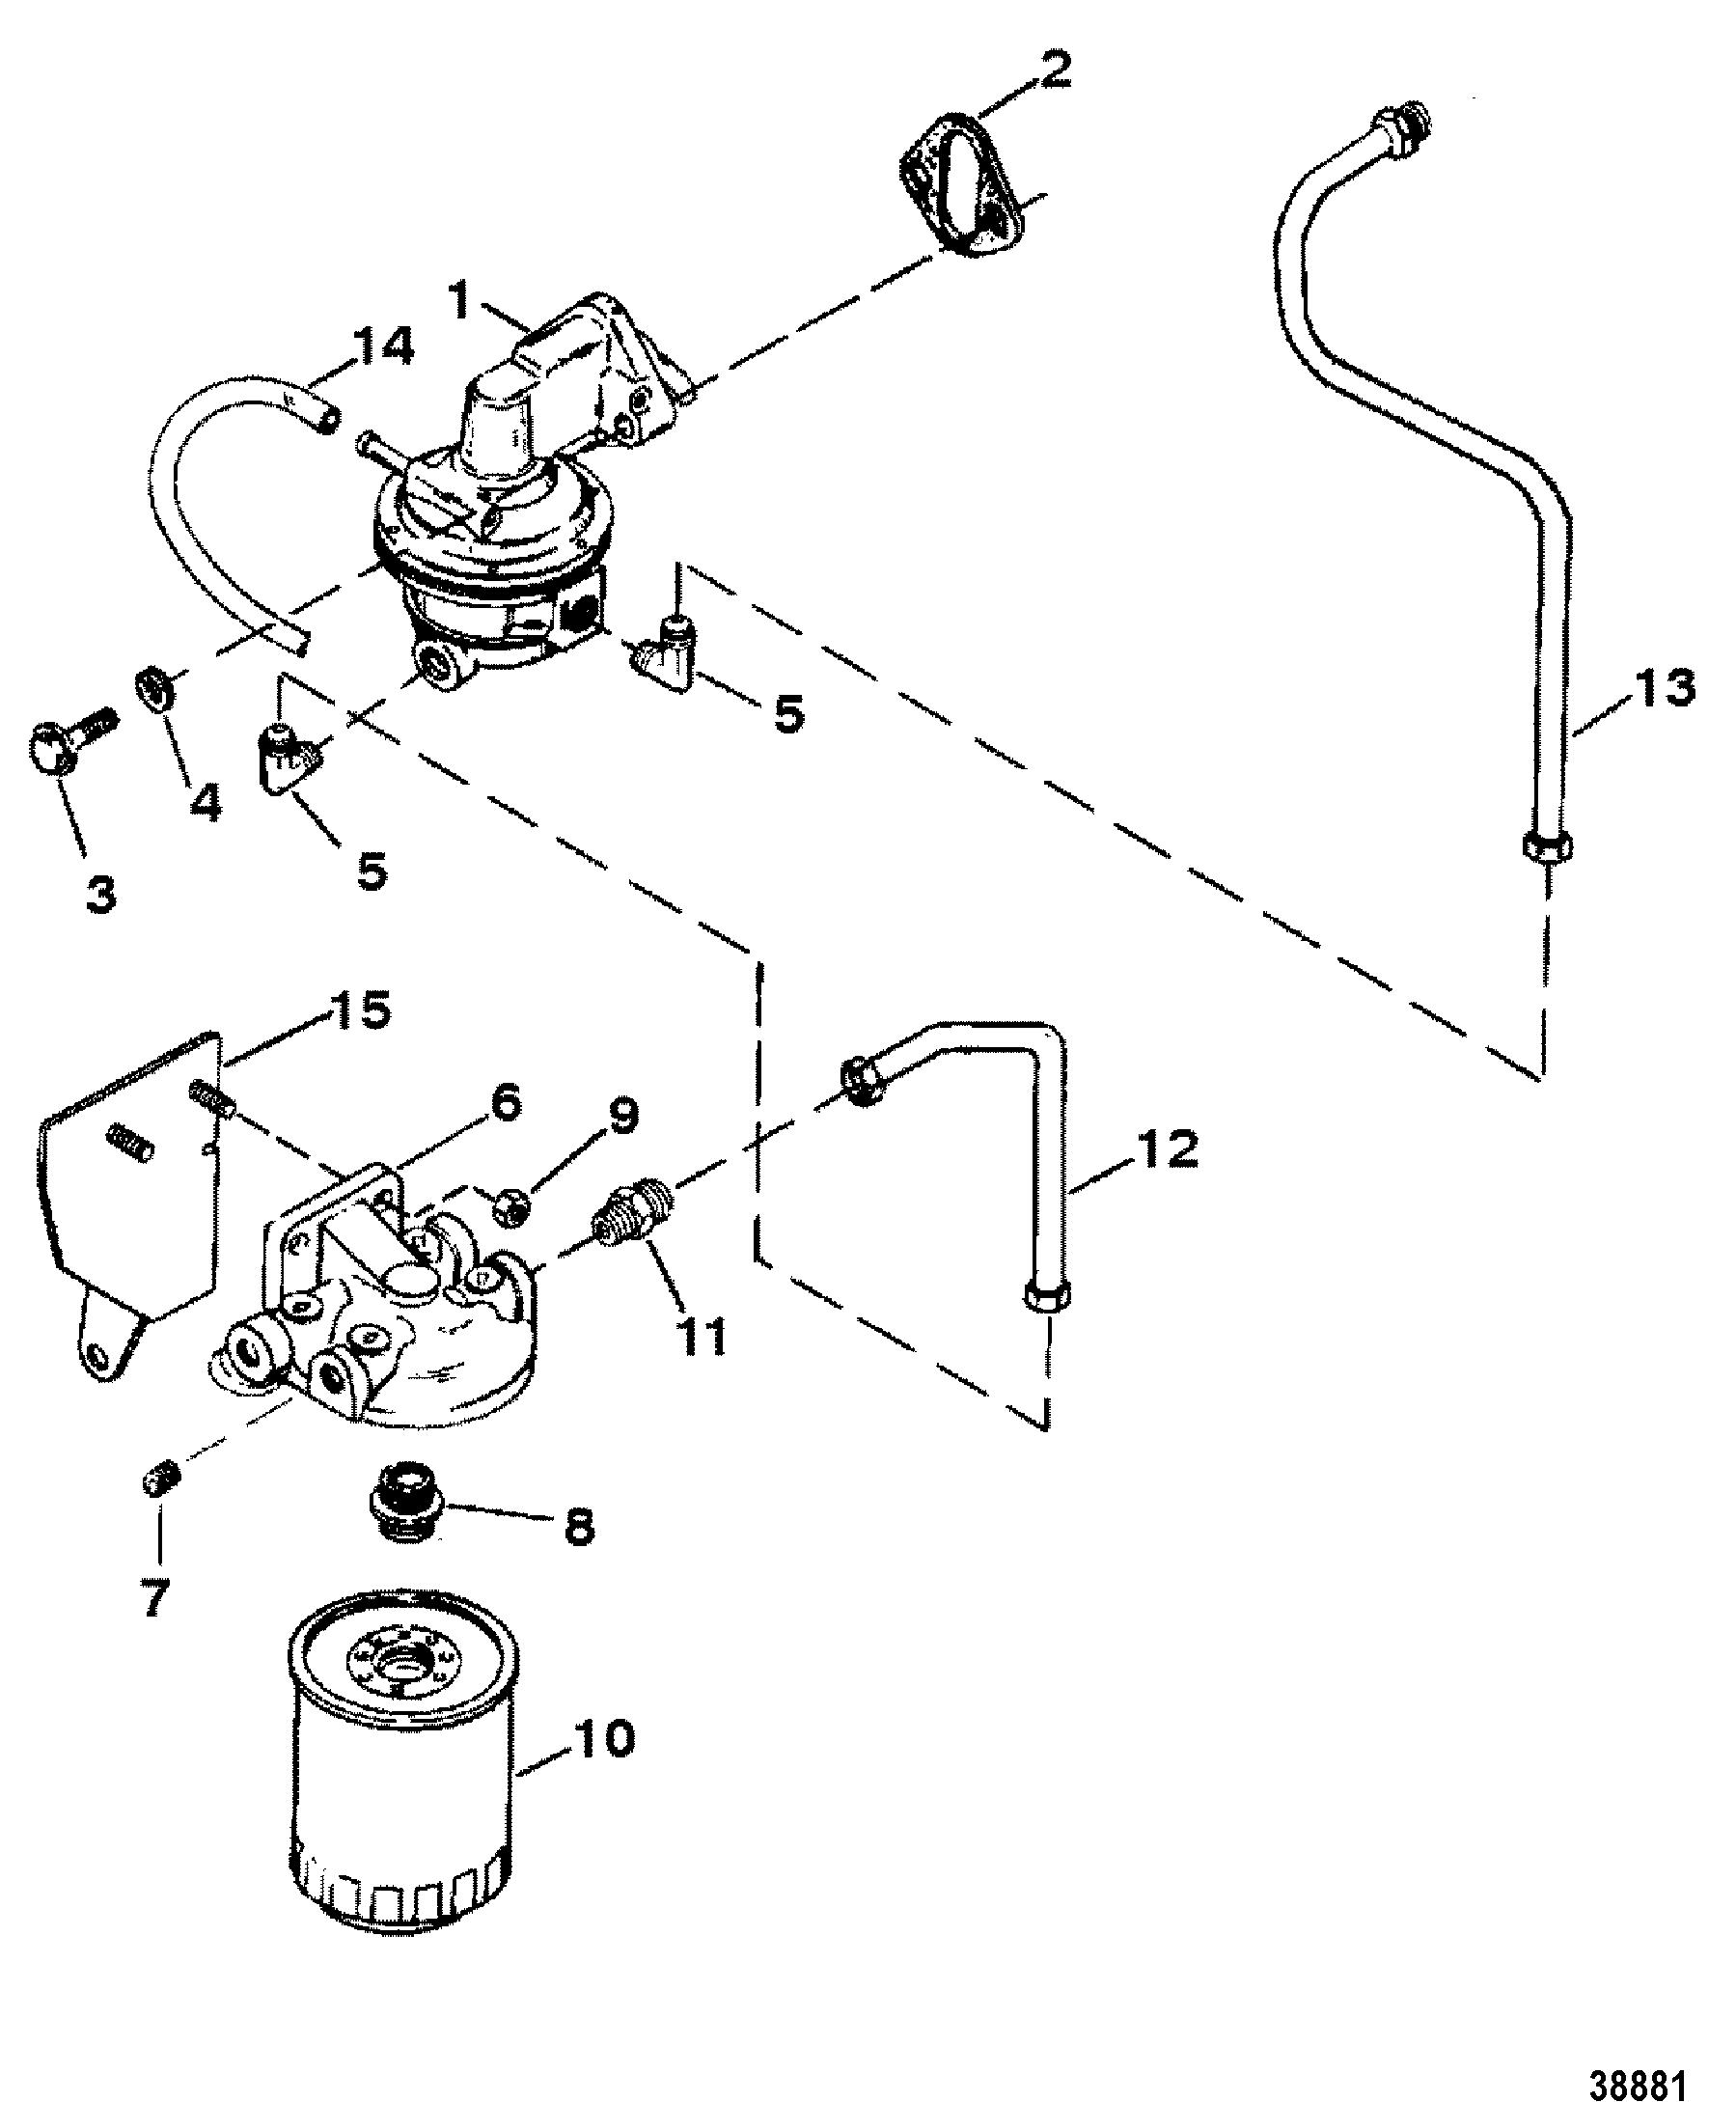 Hardin Marine - Fuel Pump And Fuel FilterHardin Marine